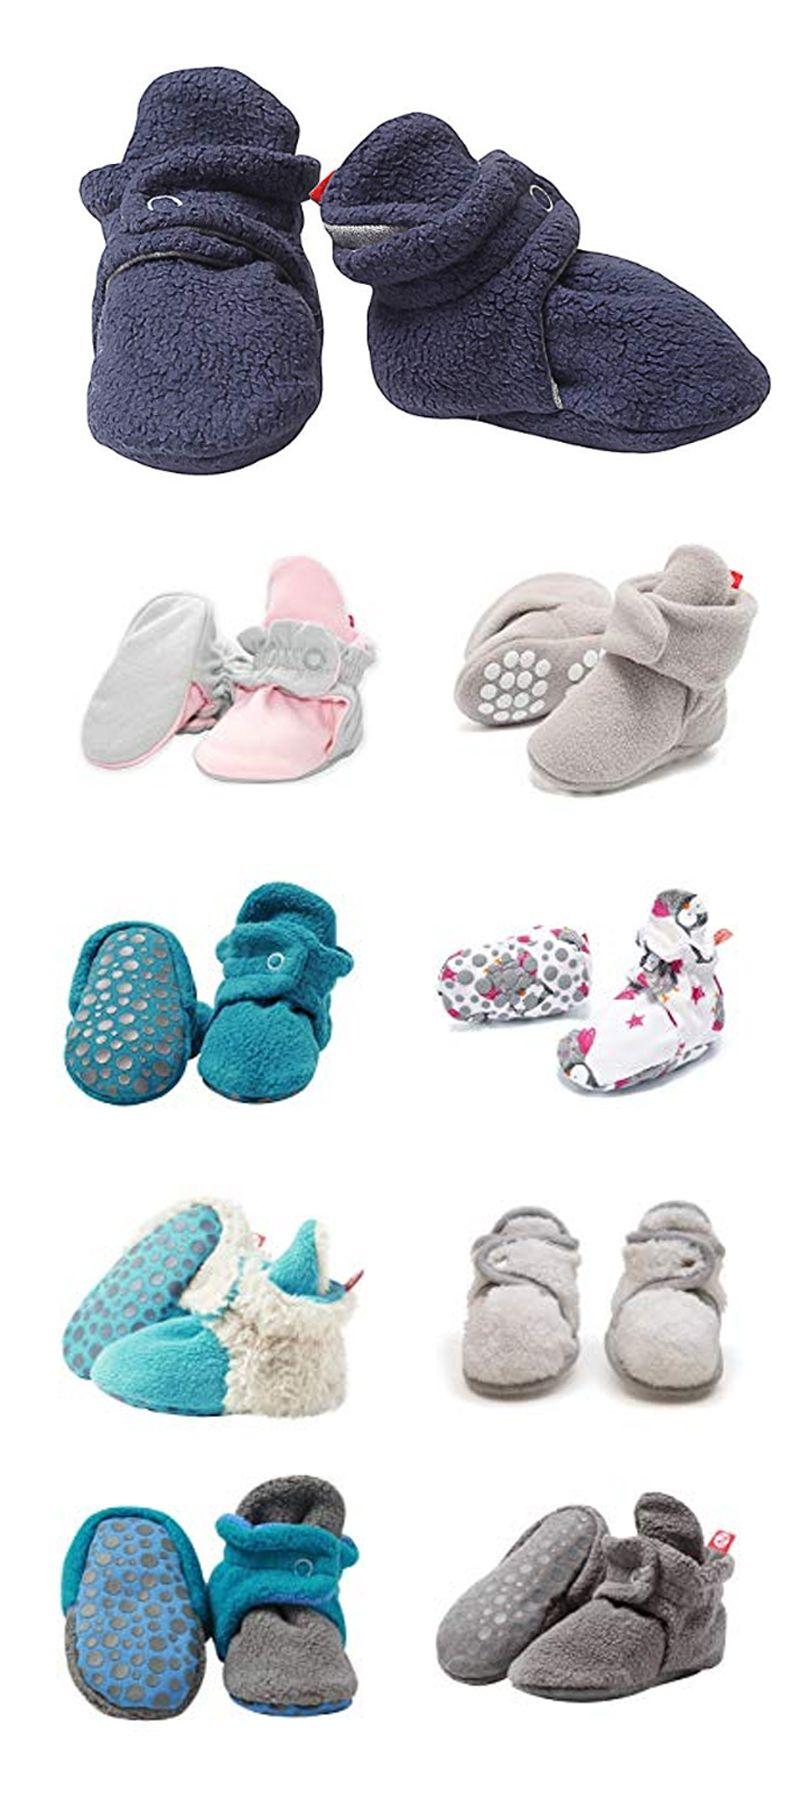 fd8094577fd7 Zutano Booties Unisex Baby Booties For Boys Girls Fleece Winter ...